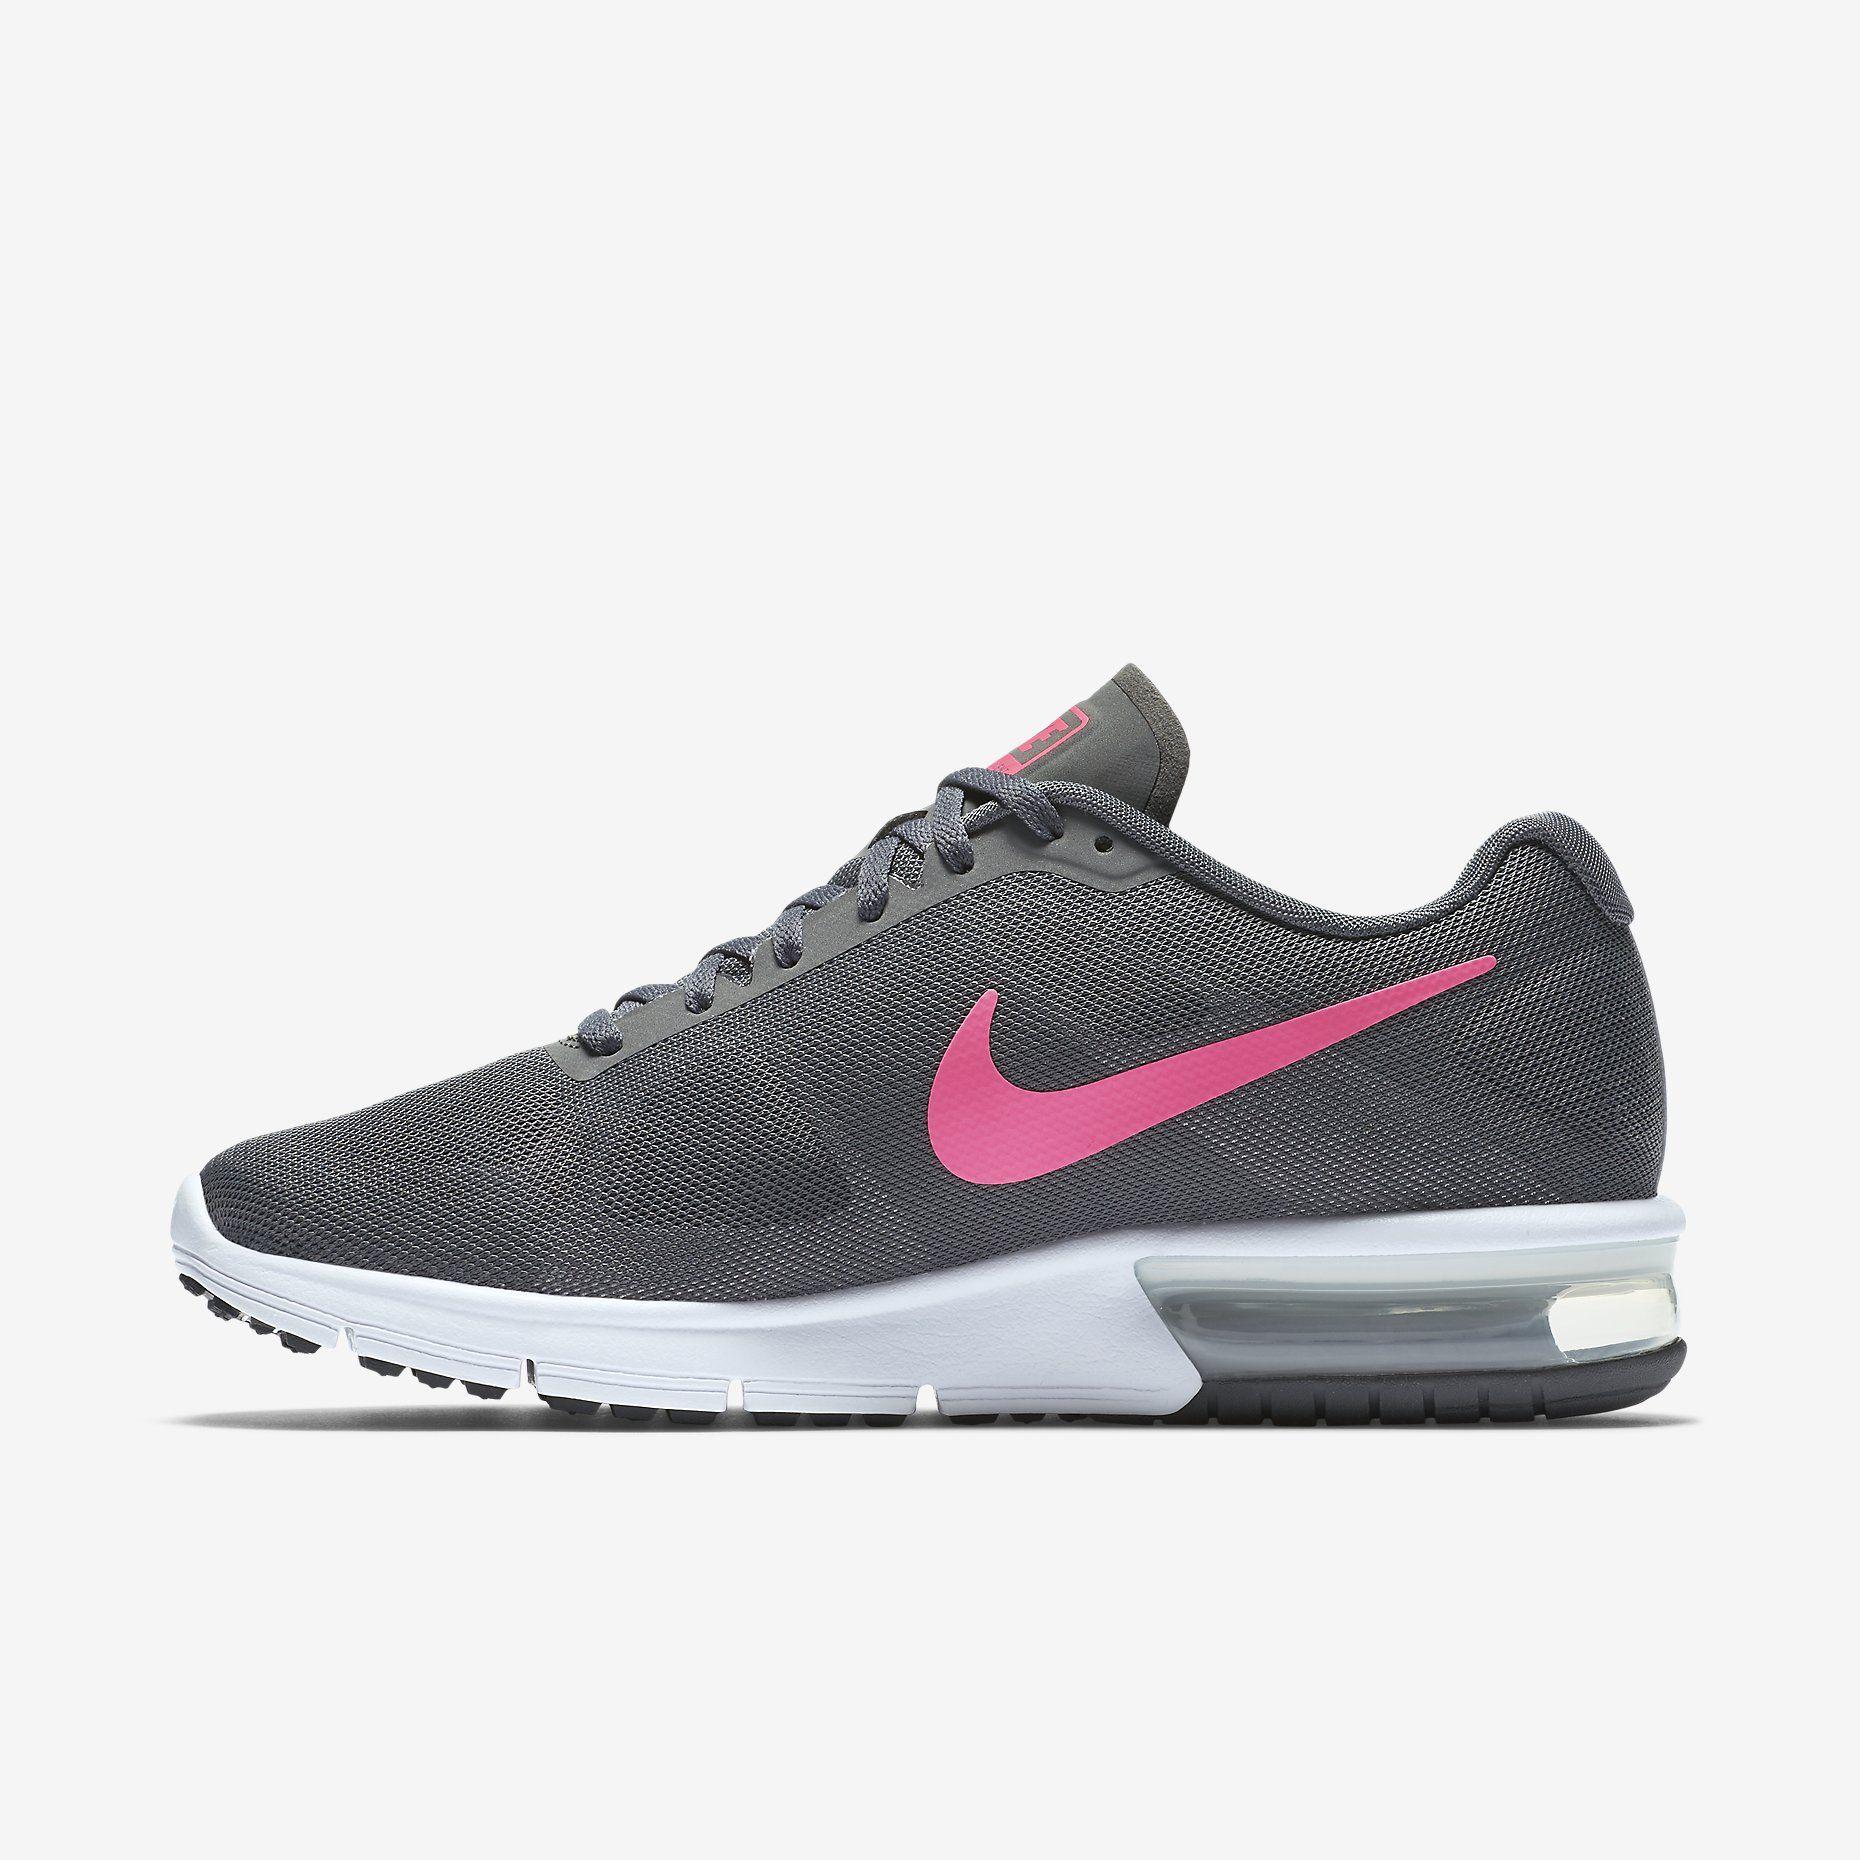 Yarismalar Antrenman Ve Hayatta Maksimum Performans Icin Ozel Olarak Gelistirilen Urunler En Son Yenilikleri Nike Comdan Satin Nike Air Max Nike Air Air Max